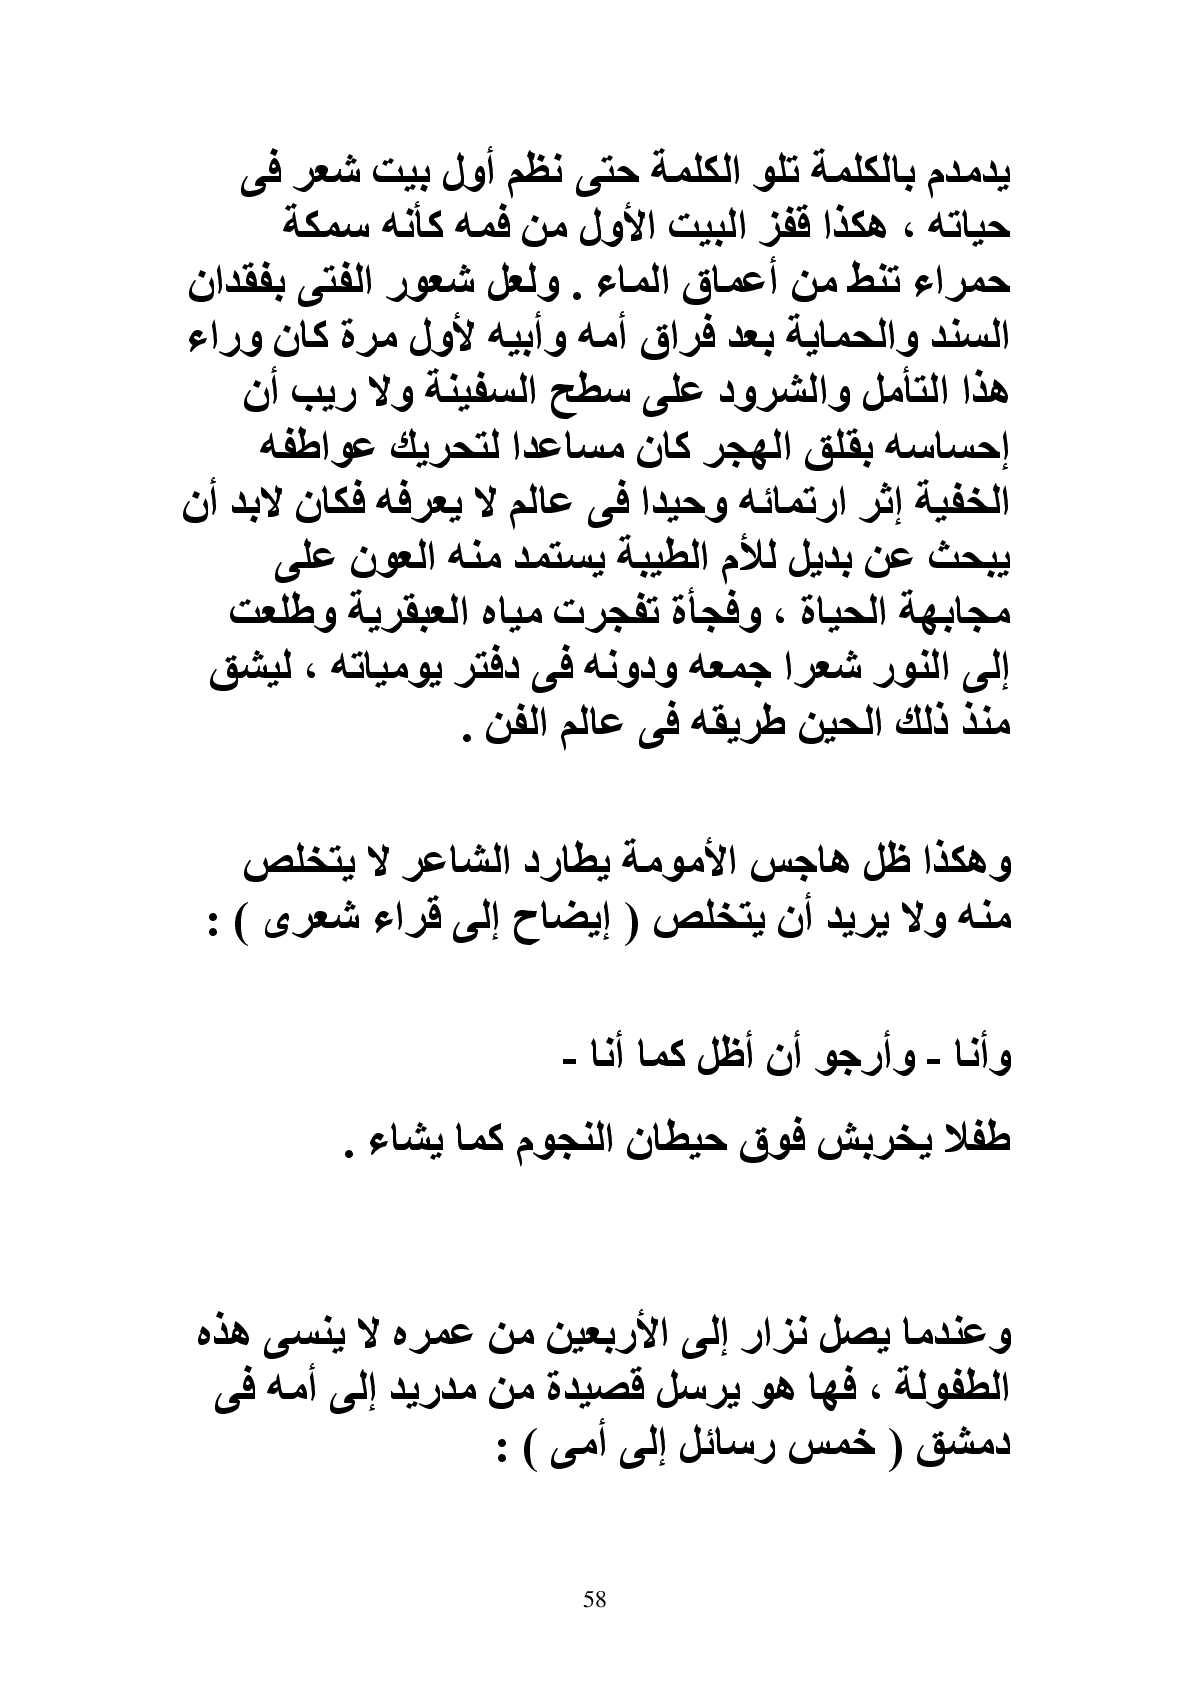 نزار قبانى شاعرا سياسيا عبد الرحمن الوصيفى Calameo Downloader